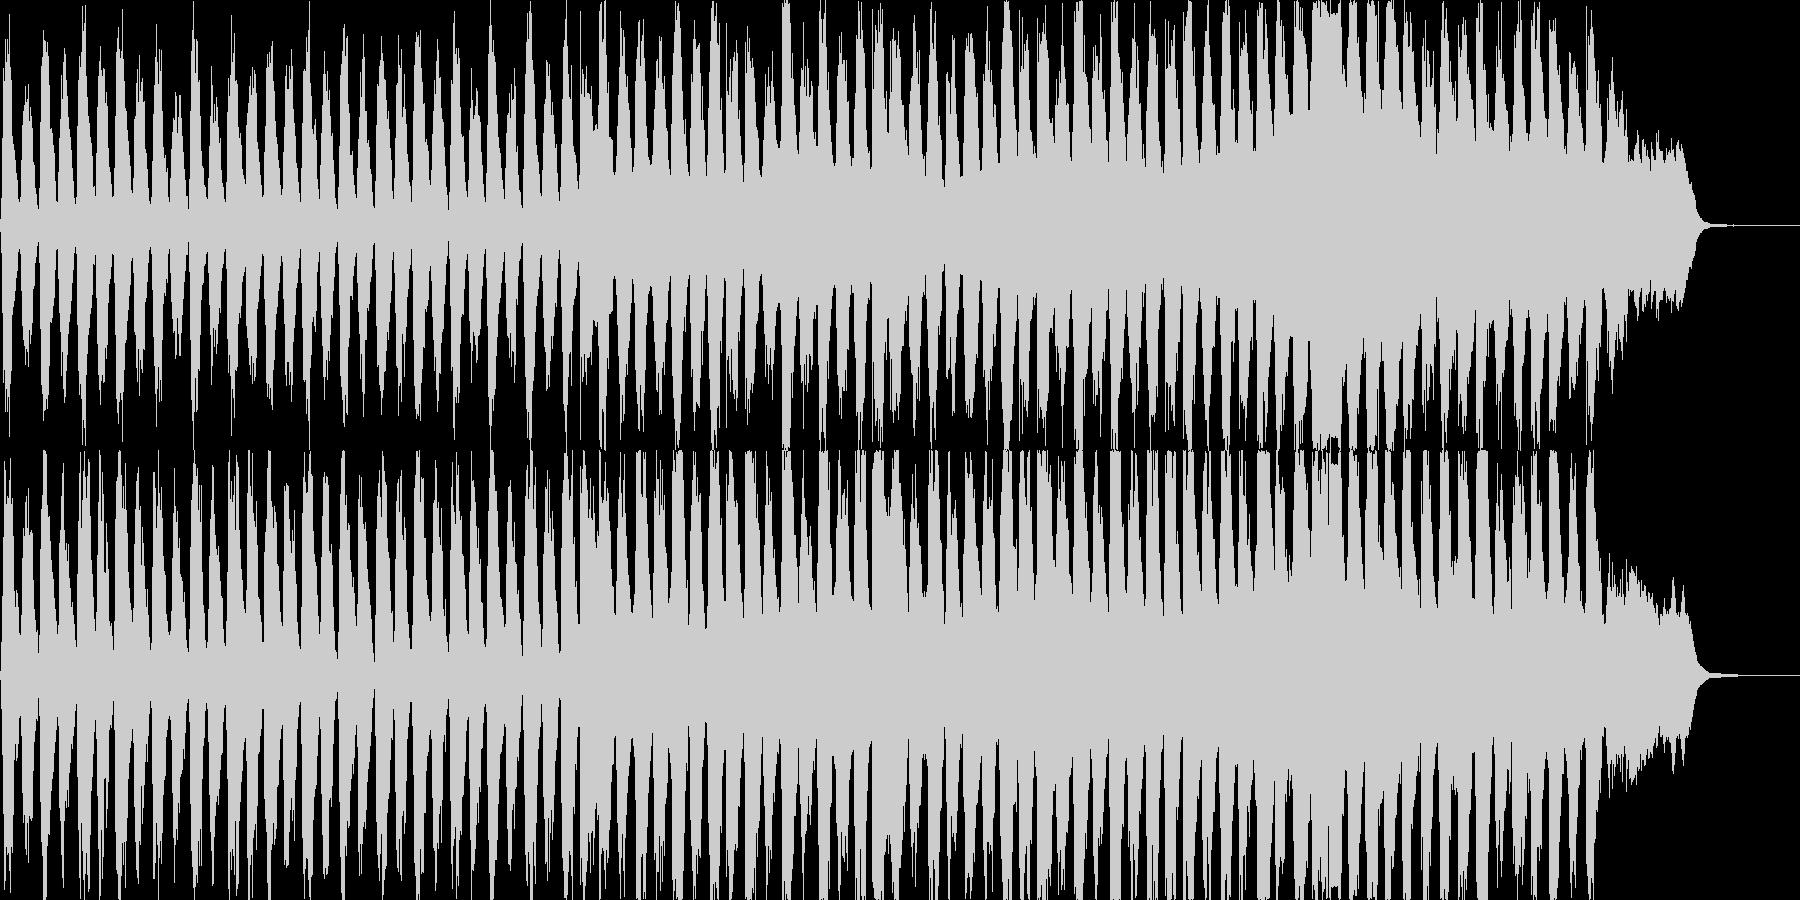 暗く壮大なオーケストラサスペンスの未再生の波形